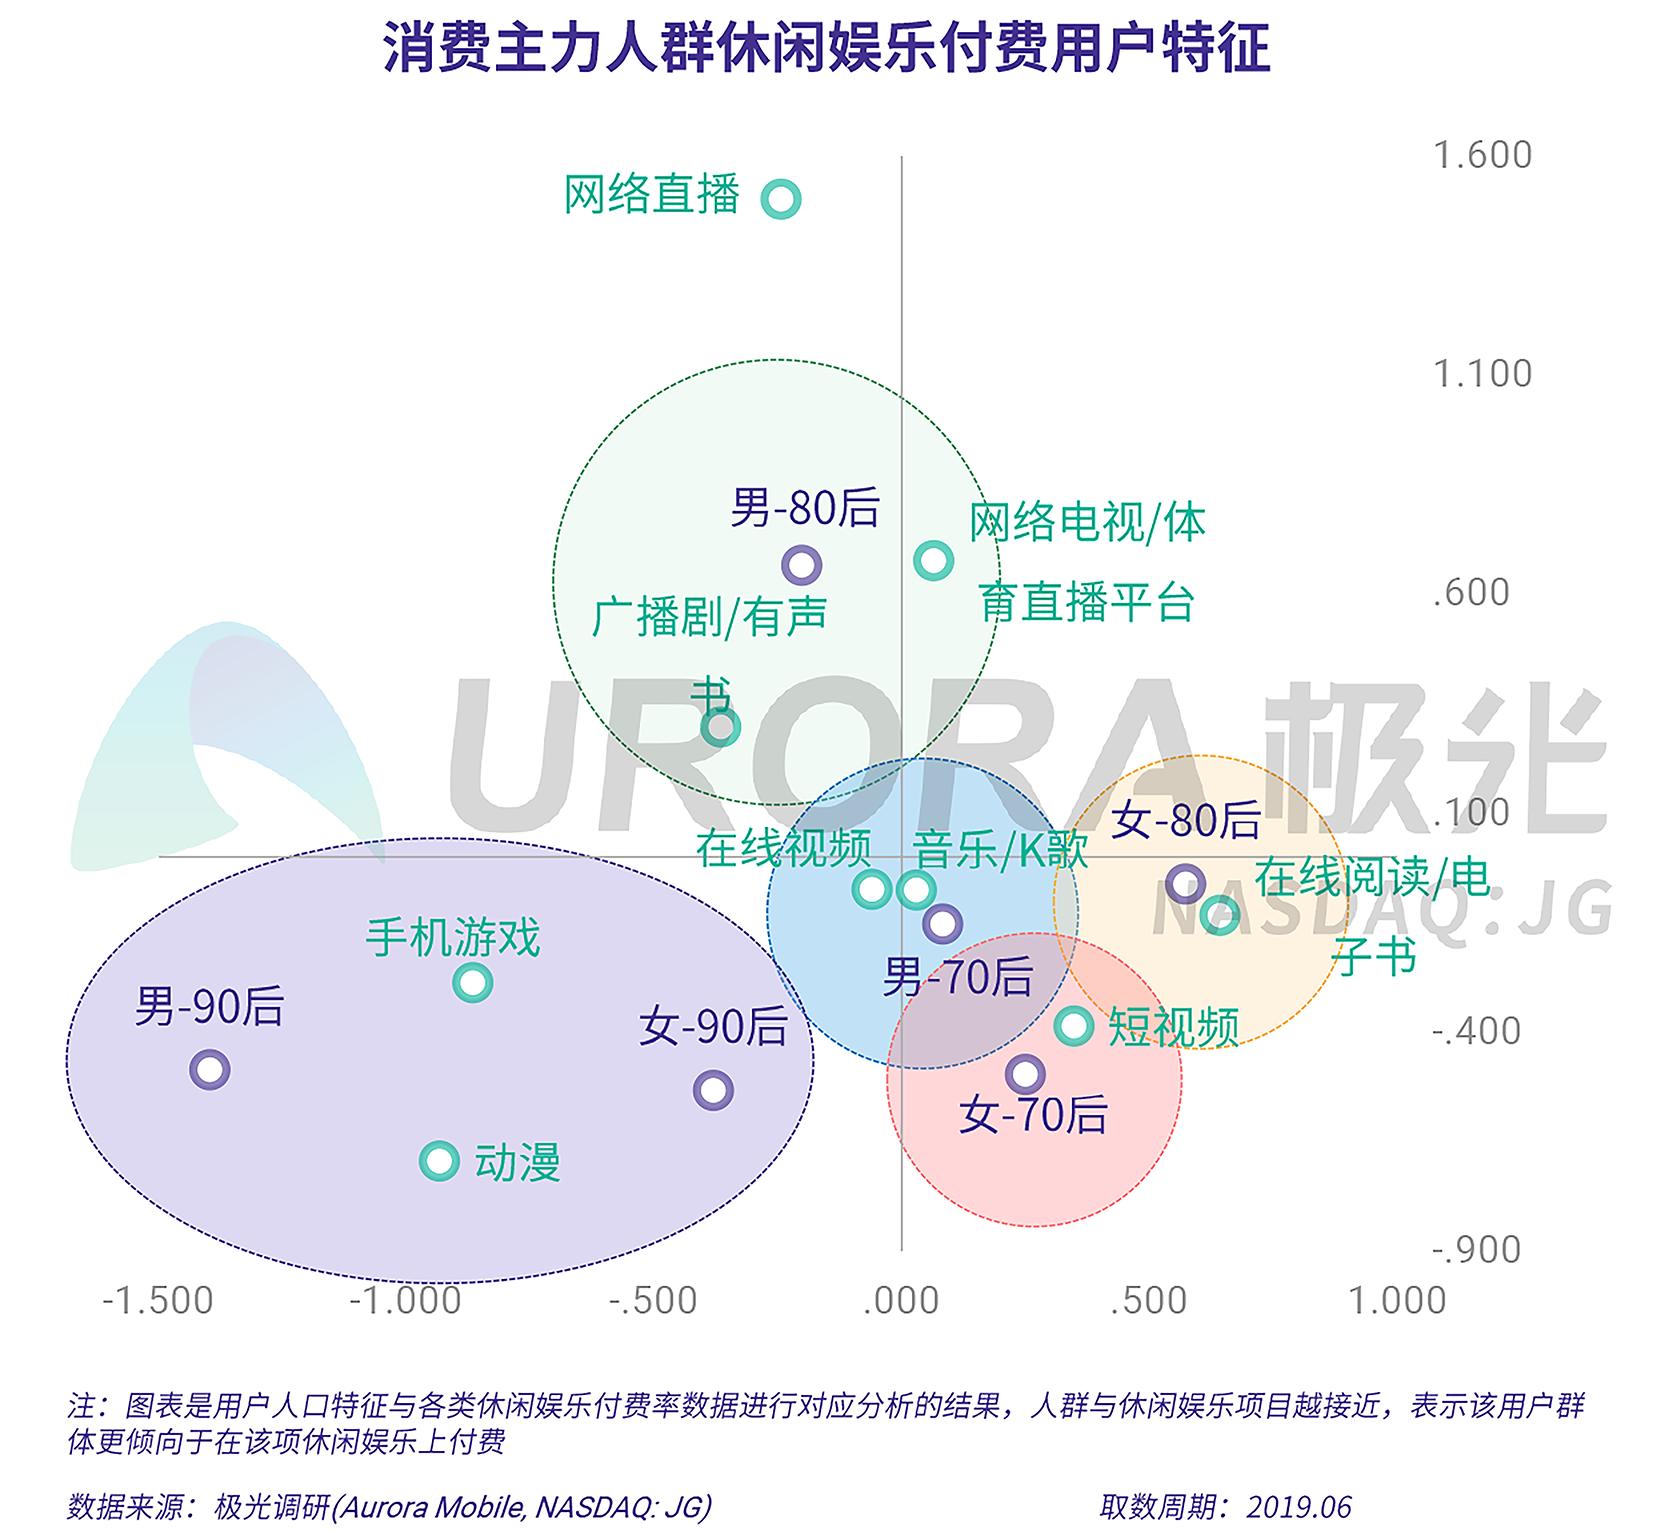 2019年消费主力人群虚拟产品付费研究报告-V5-24.png